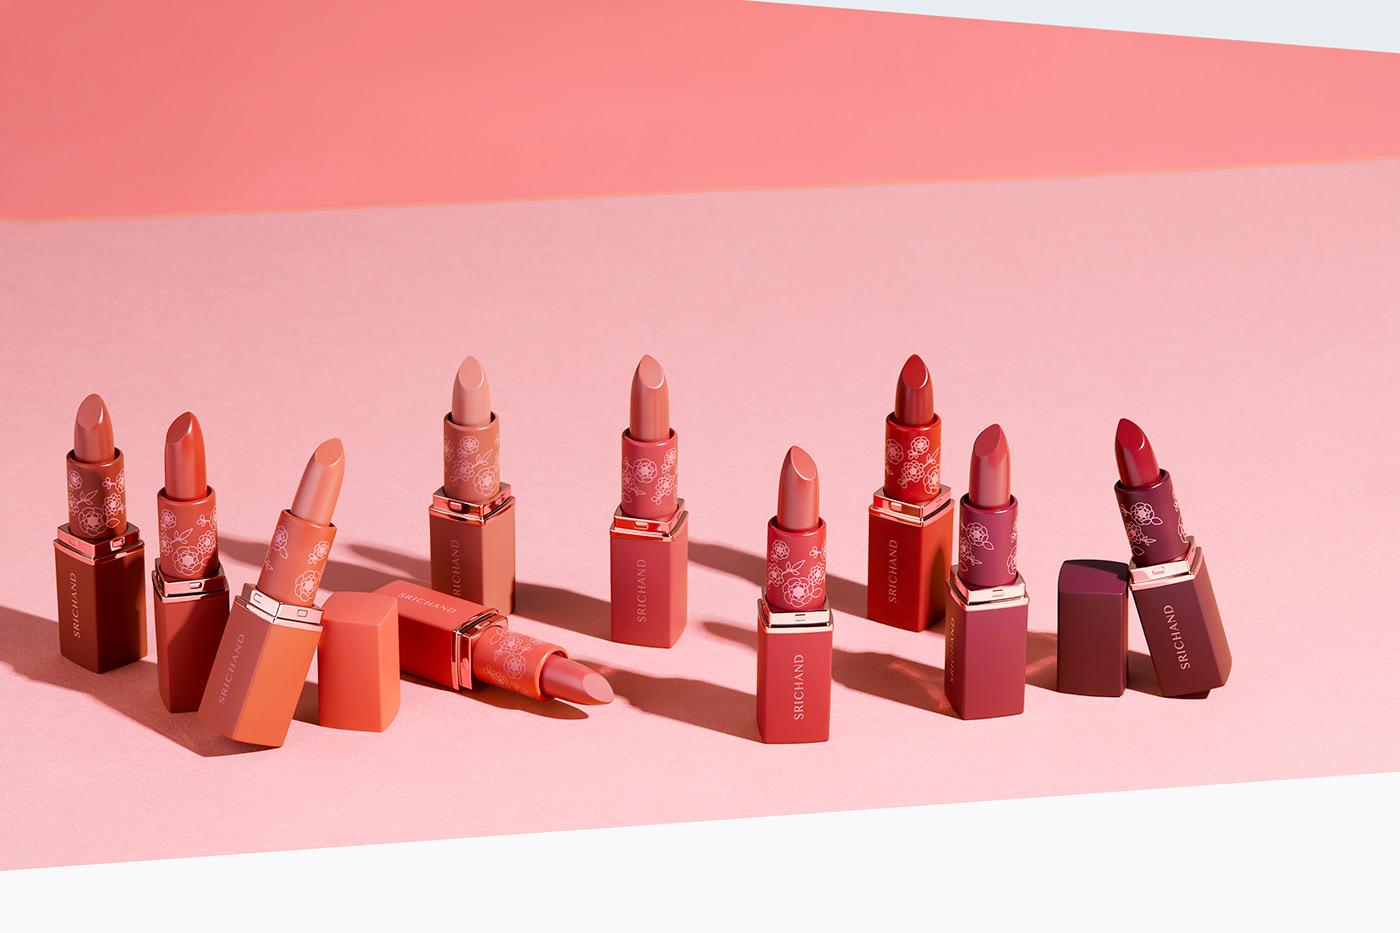 口红包装设计(唇膏包装设计)| 设计分享